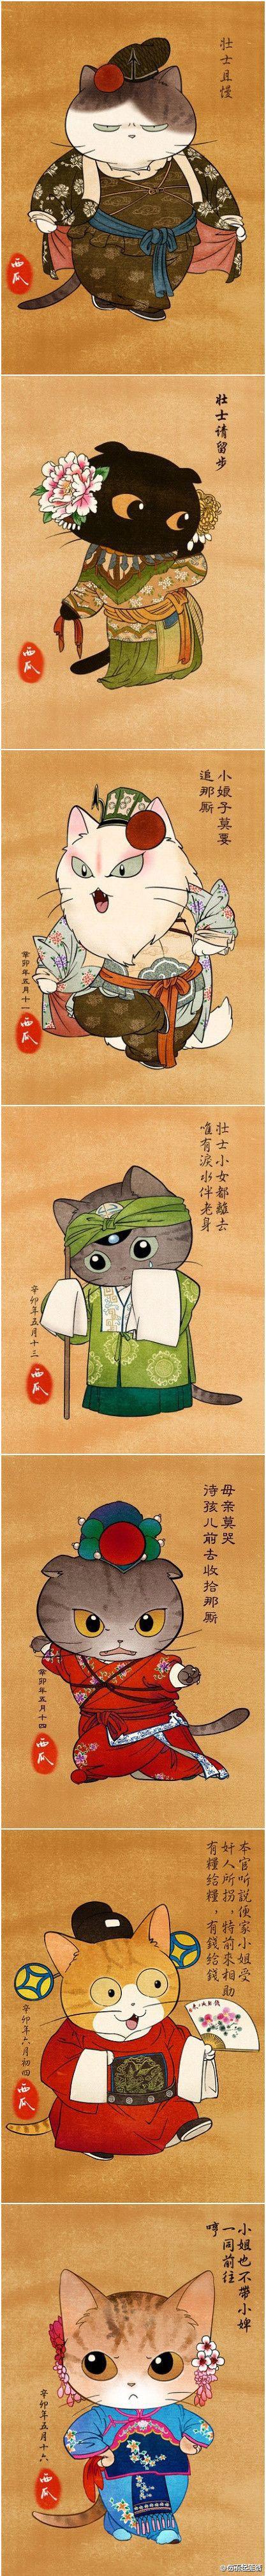 Meow ^.^